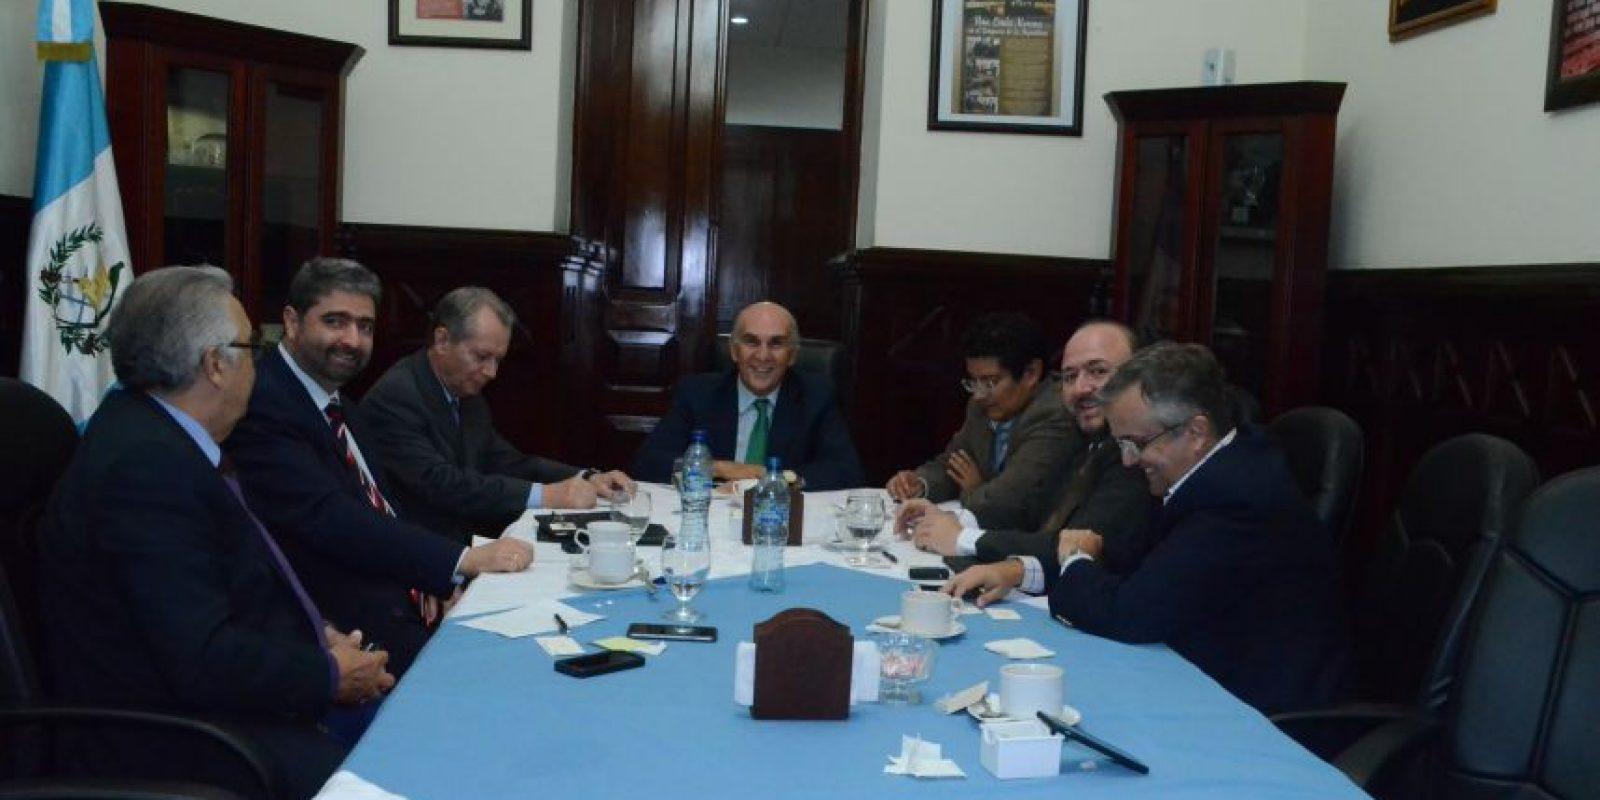 Foto:Cortesía José Castro